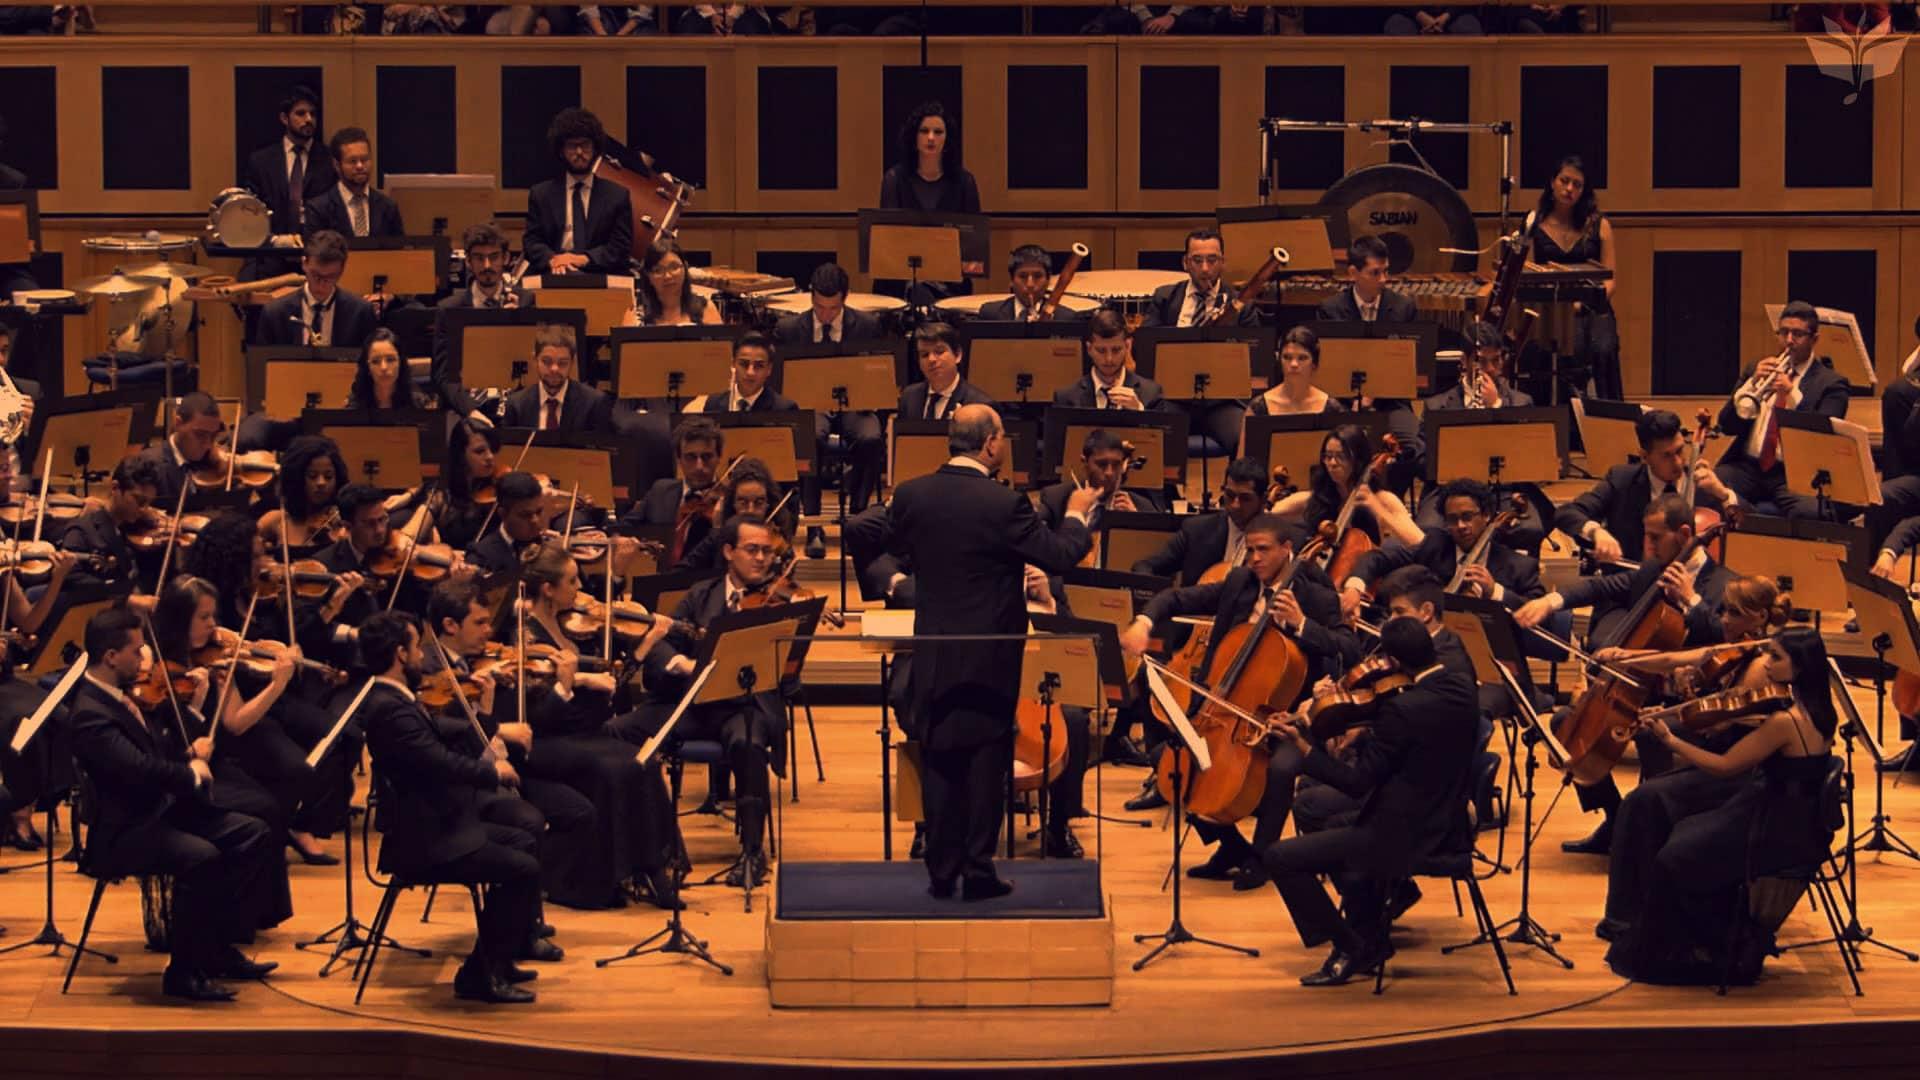 Plena Saúde oferece incentivo cultural para violoncelista da Orquestra Jovem do Estado de SP